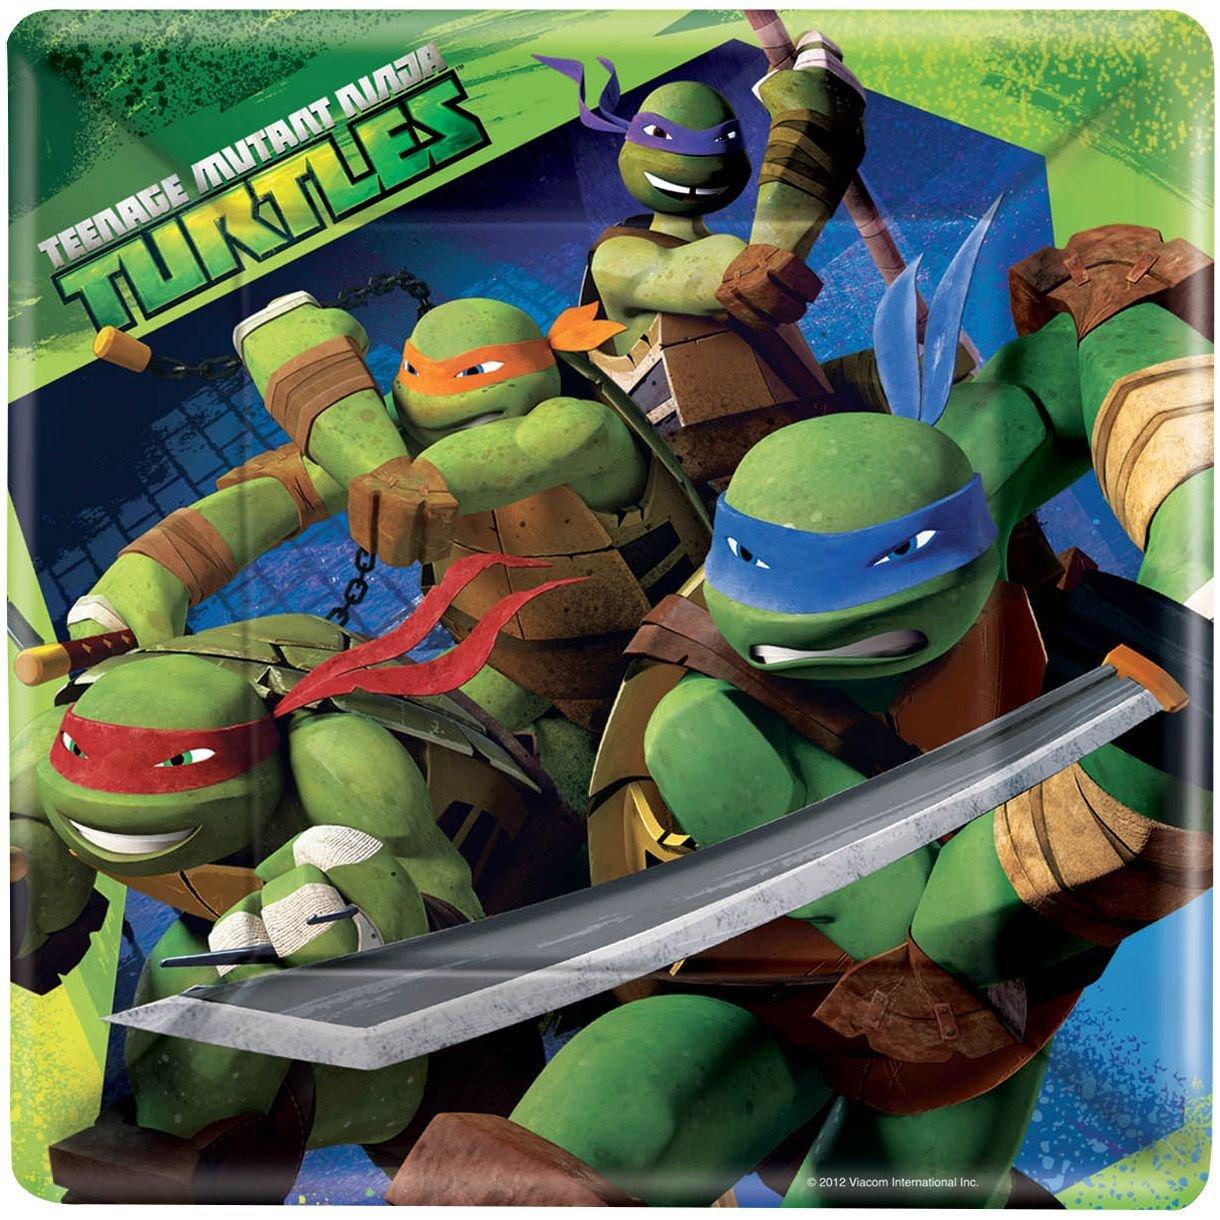 Amazon.com: Amscan TMNT Teenage Mutant Ninja Turtles Dinner ...